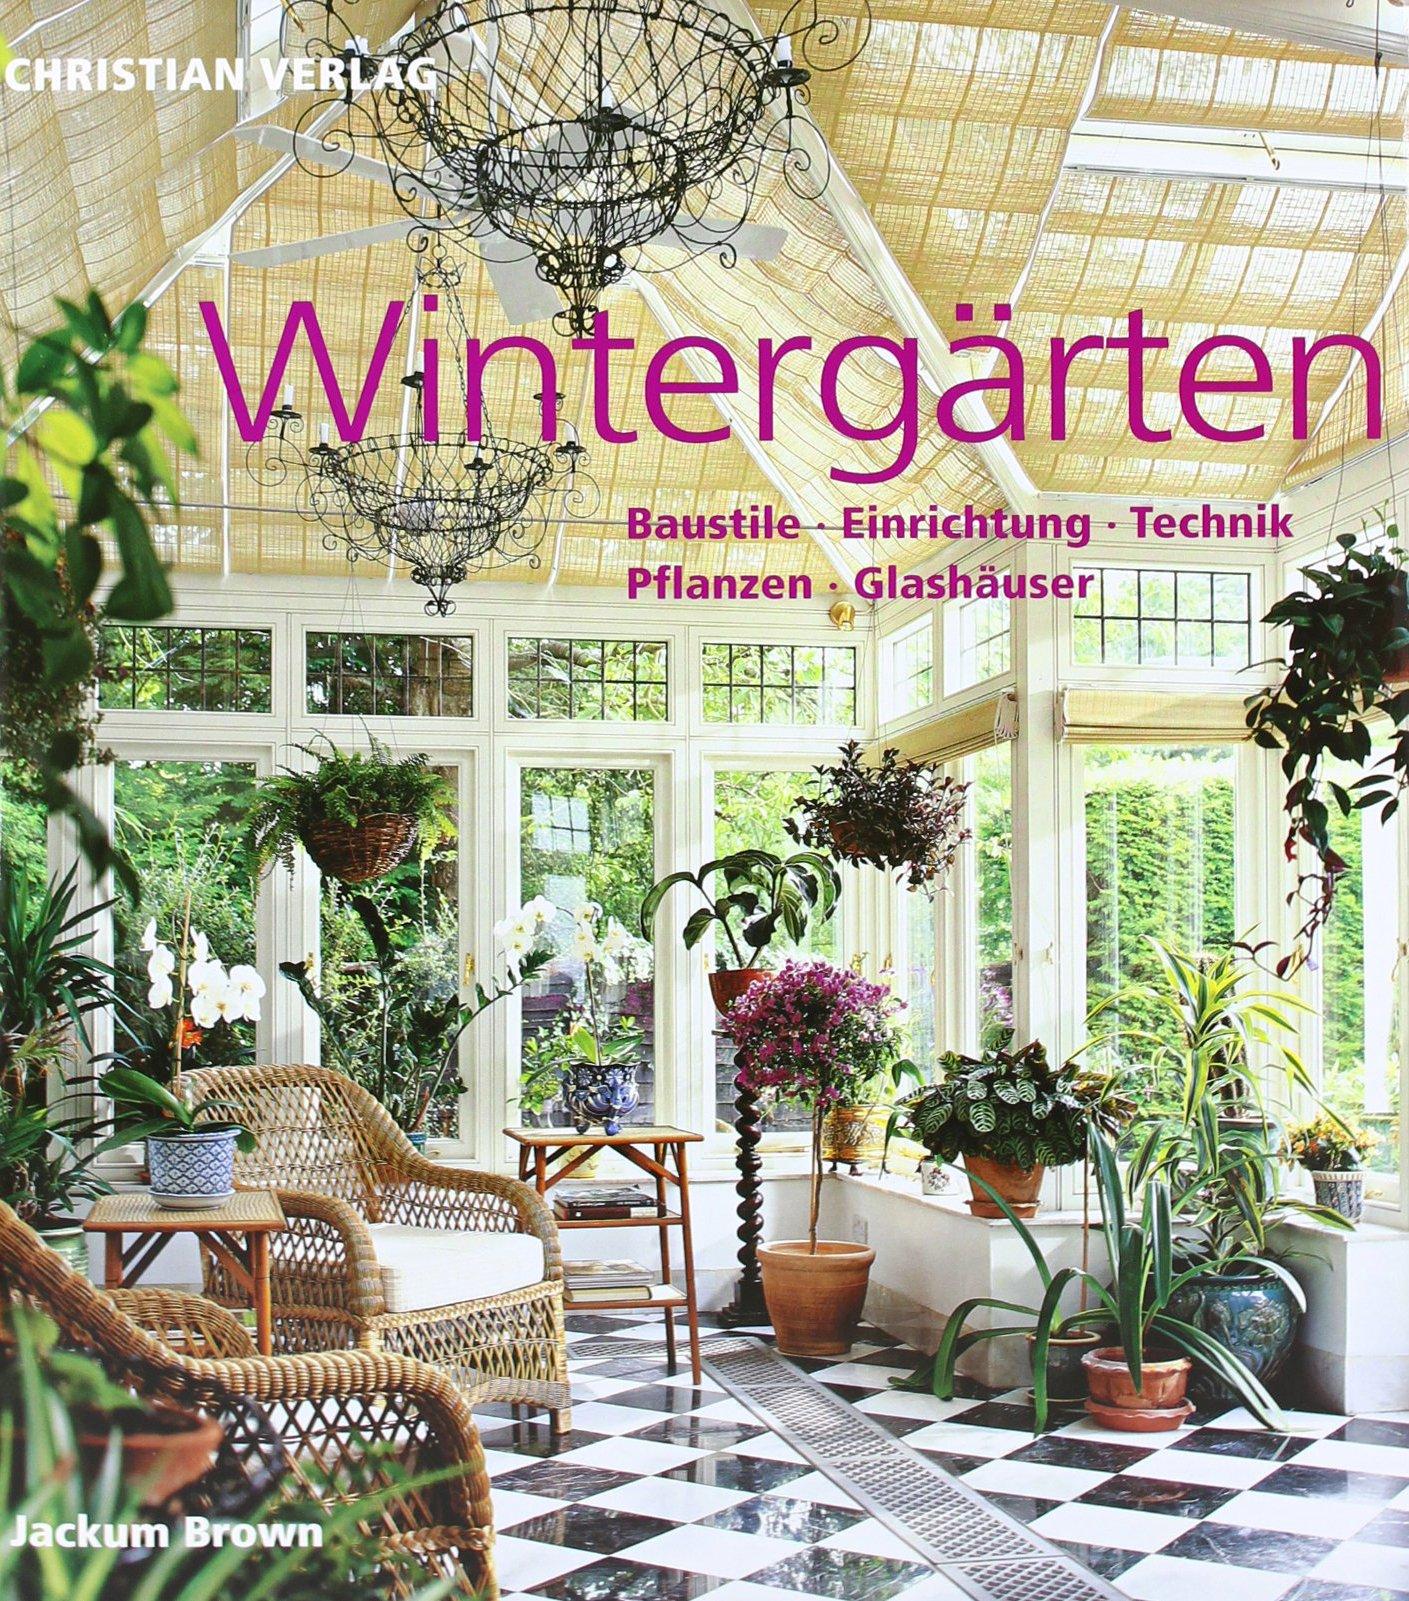 Wintergarten Baustile Einrichtung Technik Pflanzen